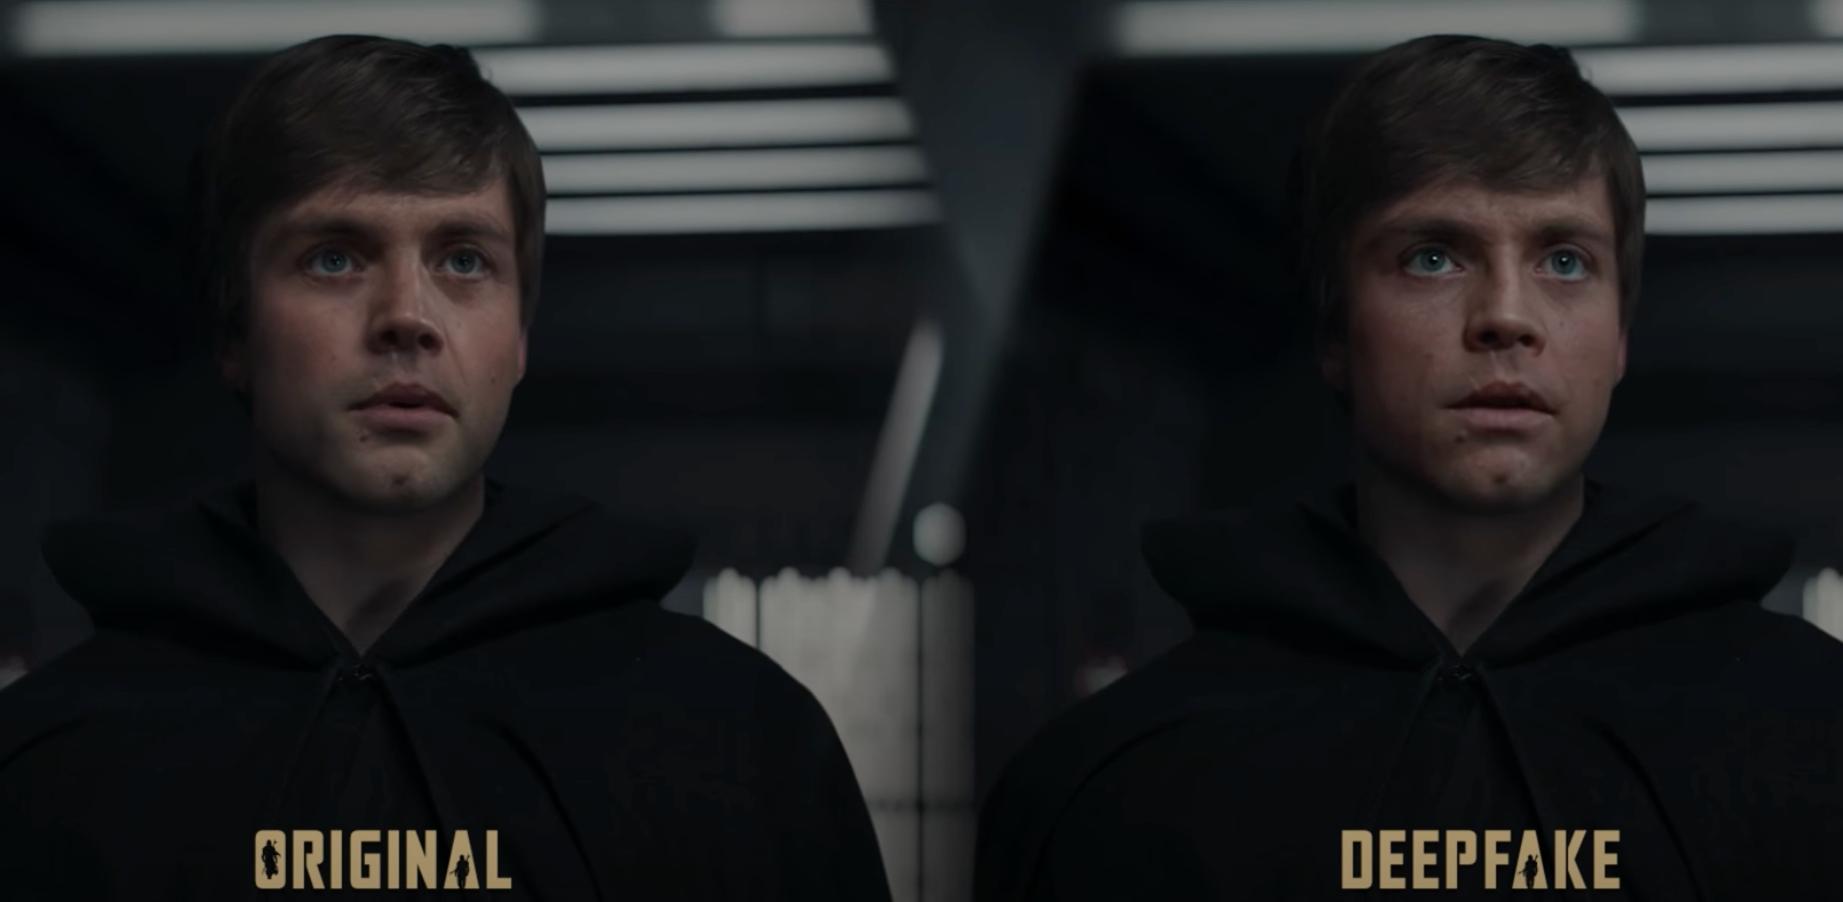 Deepfake в руках энтузиаста справился лучше специалистов LucasFilm с лицом Люка Скайуокера в финале «Мандалорца»